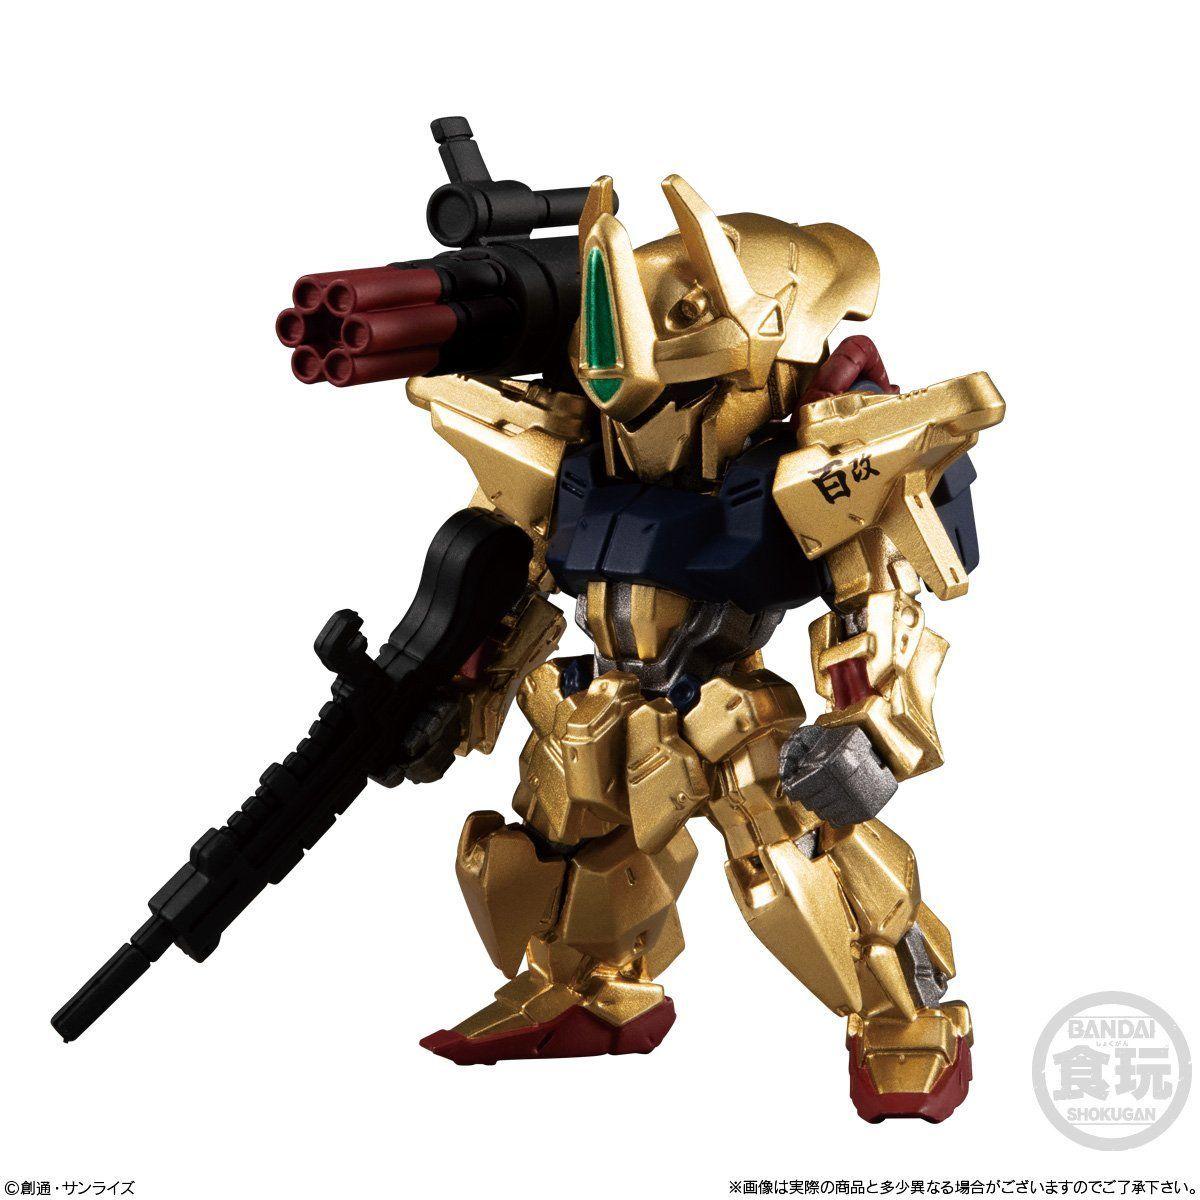 【食玩】機動戦士ガンダム『FW GUNDAM CONVERGE GOLD EDITION』デフォルメフィギュア 8個入りBOX-004